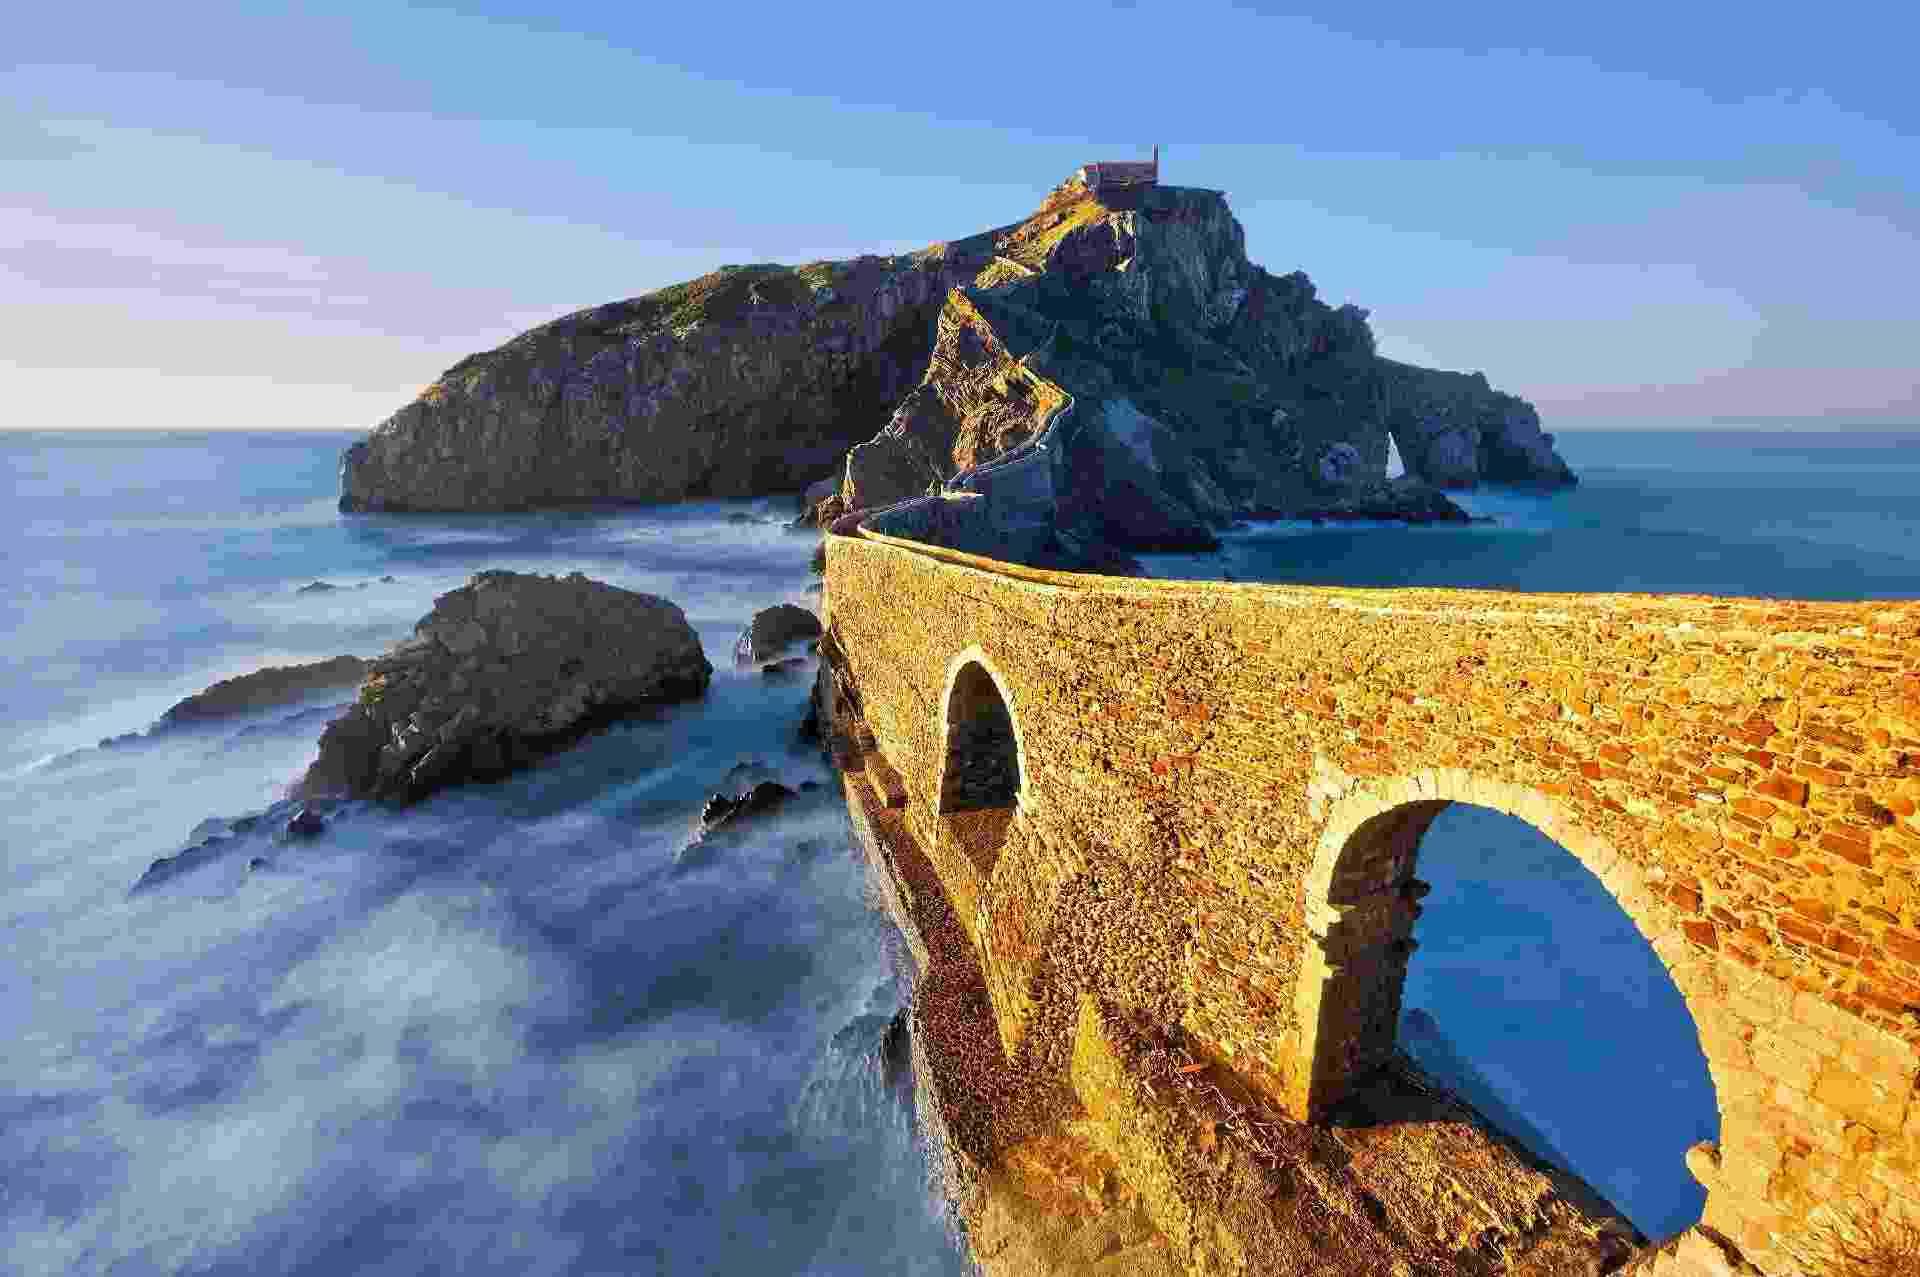 Ligada ao continente por uma ponte de pedra sinuosa e uma escada enorme, o local--em Bermeo, País Basco--se destaca pela imponência. A pequena ilha conta com uma igreja antiga e está rodeada pelo agitado mar do litoral basco. As gravações ocorreram em outubro do ano passado, visto que, segundo o departamento de turismo local, o elenco precisava de um lugar que proporcionasse um ?clima de inverno?. - Getty Images/Divulgação/Skyscanner